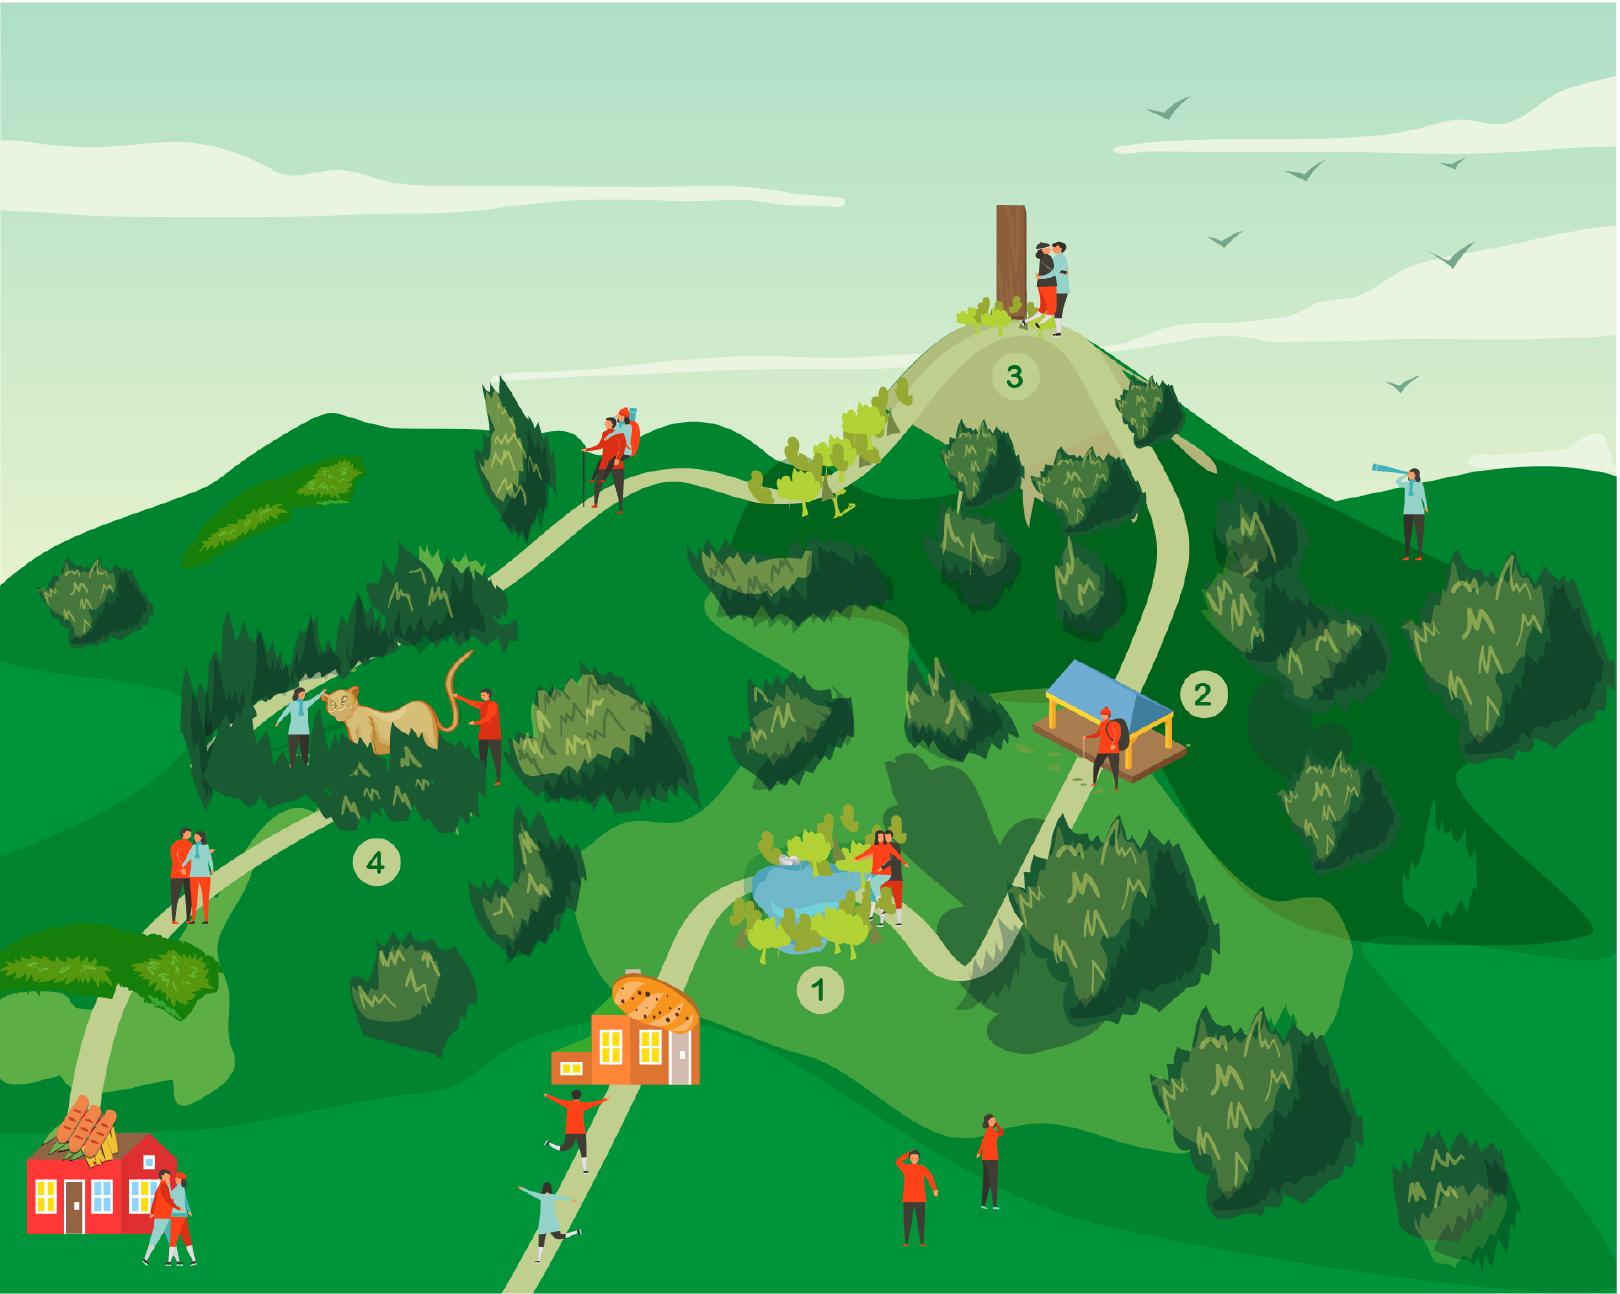 1번부터 4번까지 주요 장소를 표시한 등산코스 그림. 1번 숫자에는 계곡을 표현한 그림, 2번 숫자 옆에는 쉼터를 표현한 그림, 3번 숫자 옆에는 인왕산 정상에 있는 표지석, 4번 숫자 옆에는 호랑이상이 그려져있다.